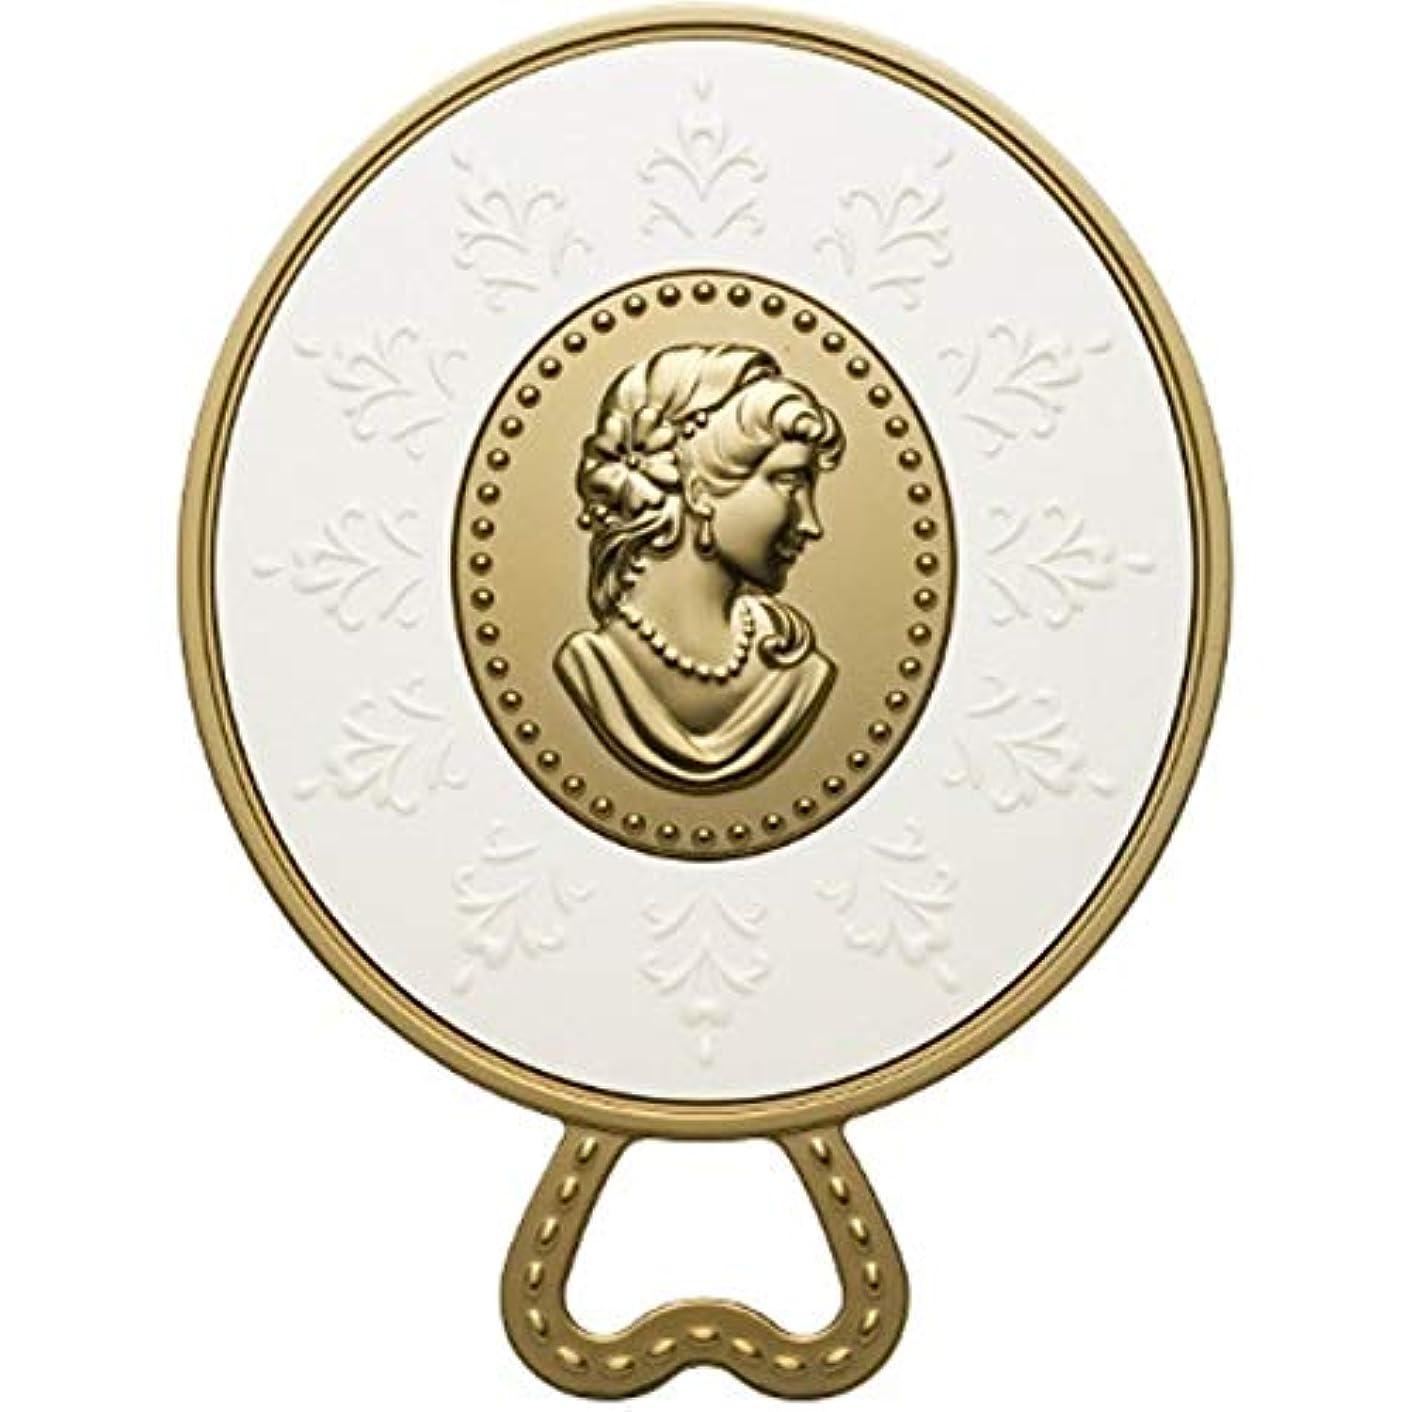 梨会計測定(レ?メルヴェイユーズ ラデュレ) Les Merveilleuses LADUREE ラデュレ ハンドミラー 鏡 カメオ アンティーク調 ゴールド 金 ブランド